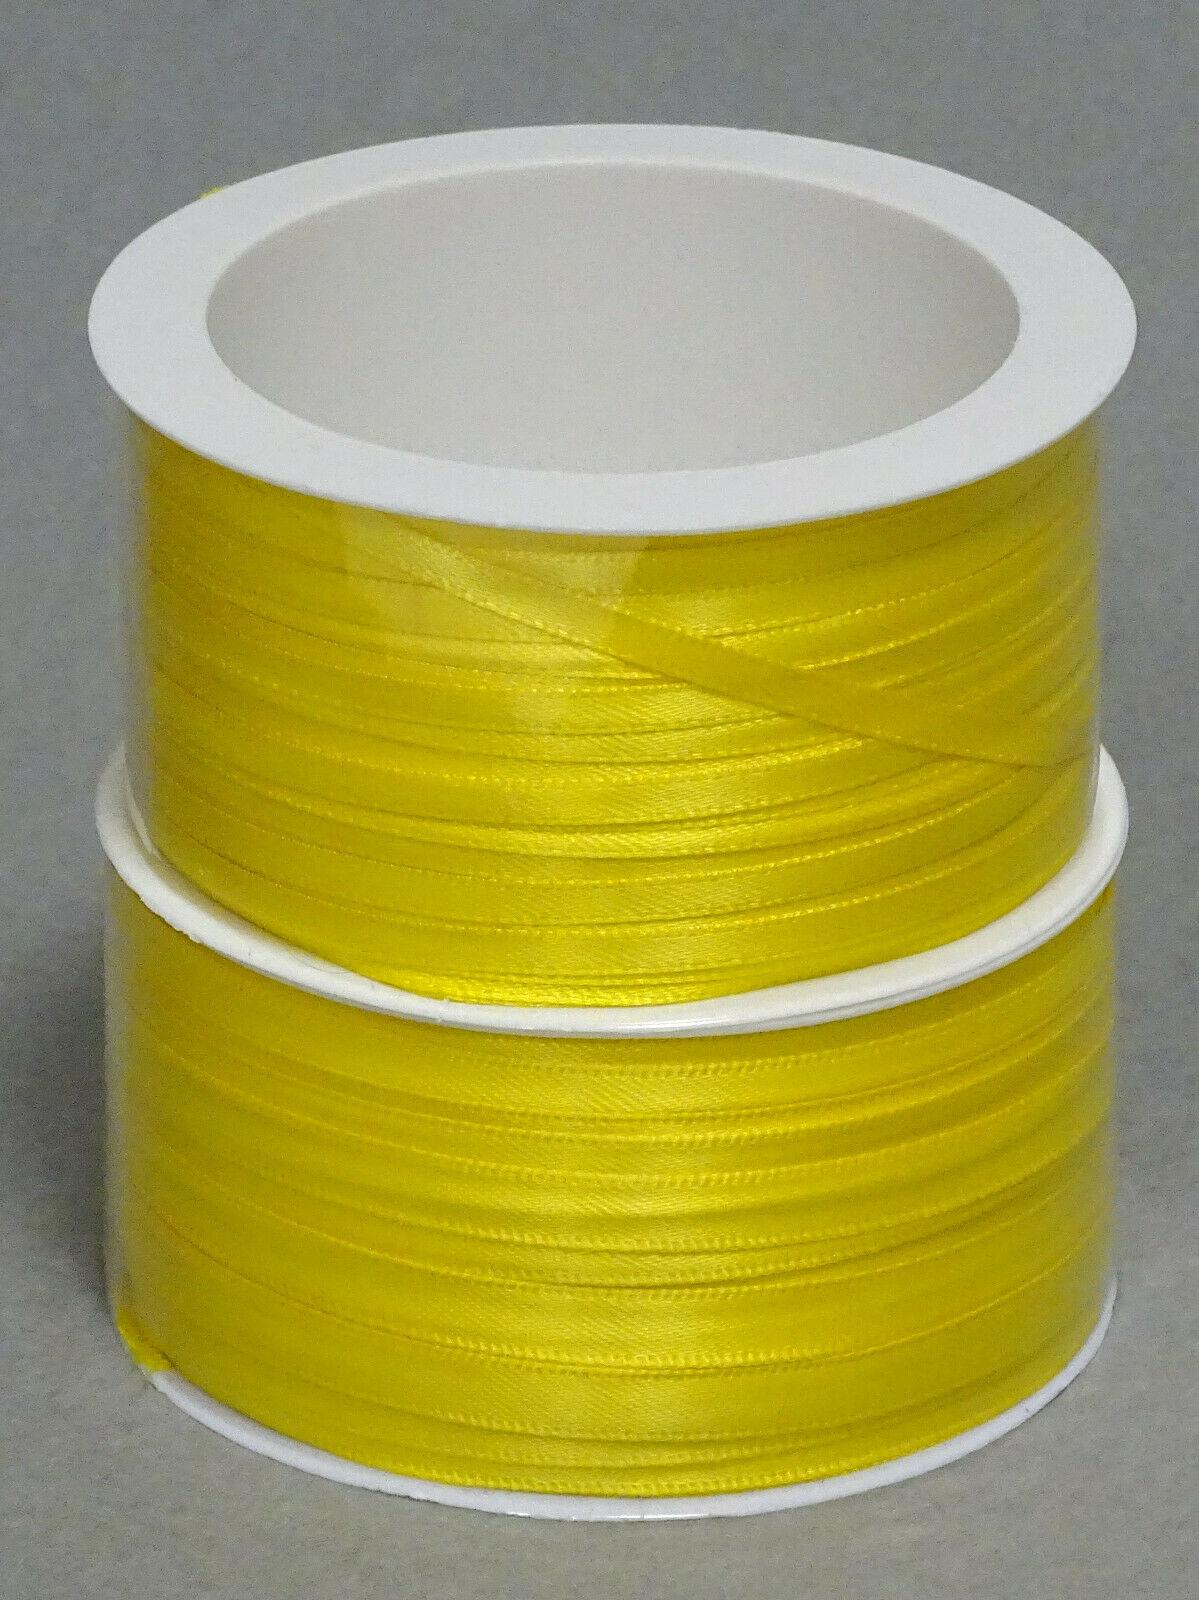 Satinband Schleifenband 50m x 3mm / 6mm Dekoband ab 0,05 €/m Geschenkband Rolle - Gelb 245, 6 mm x 50 m